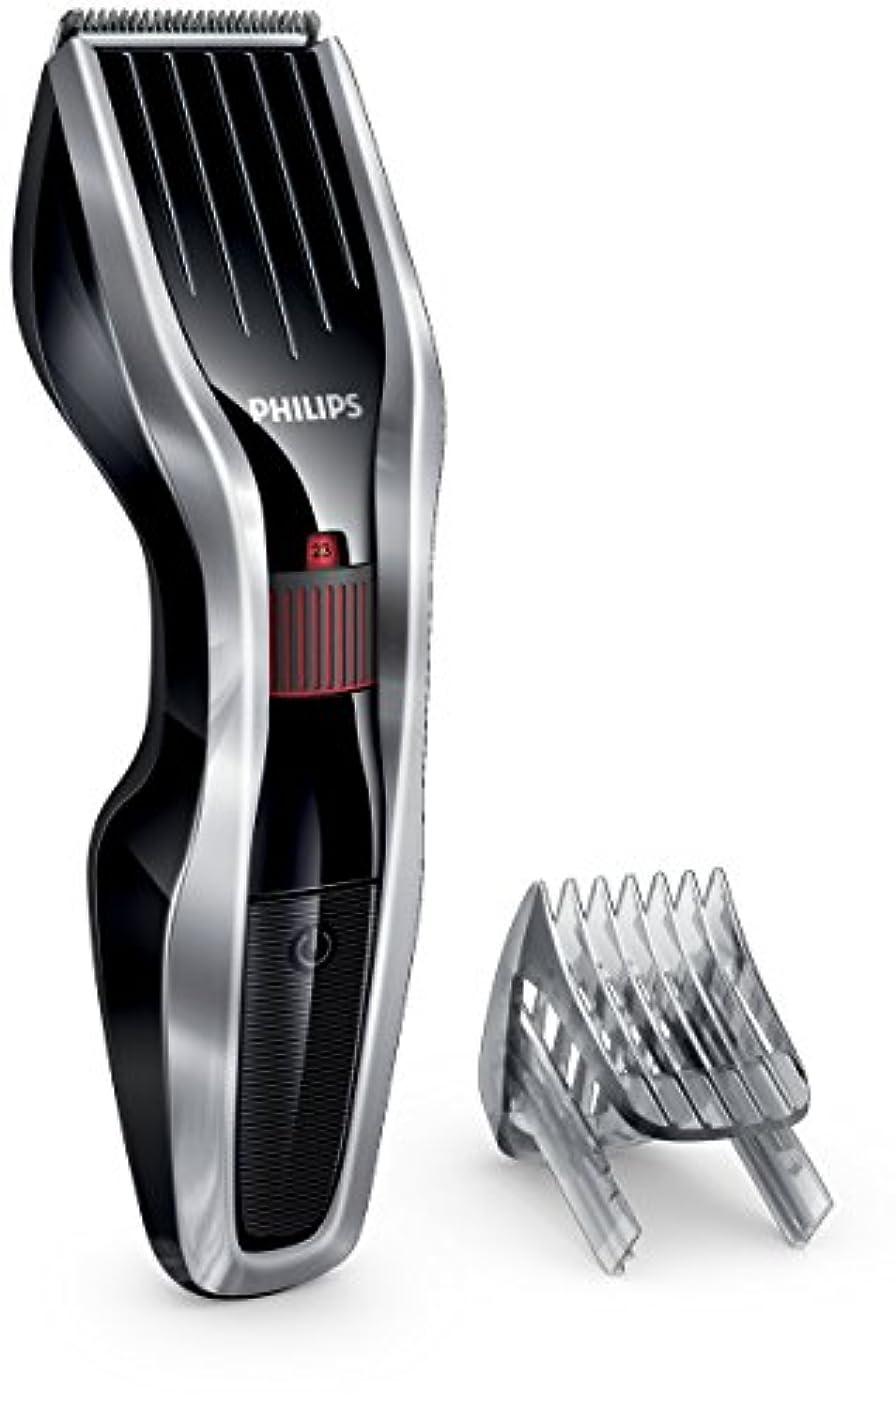 反逆者安全でない効率的フィリップス 電動バリカン ヘアーカッター コードレス (1mm単位、23段階長さ調節) HC5440/15